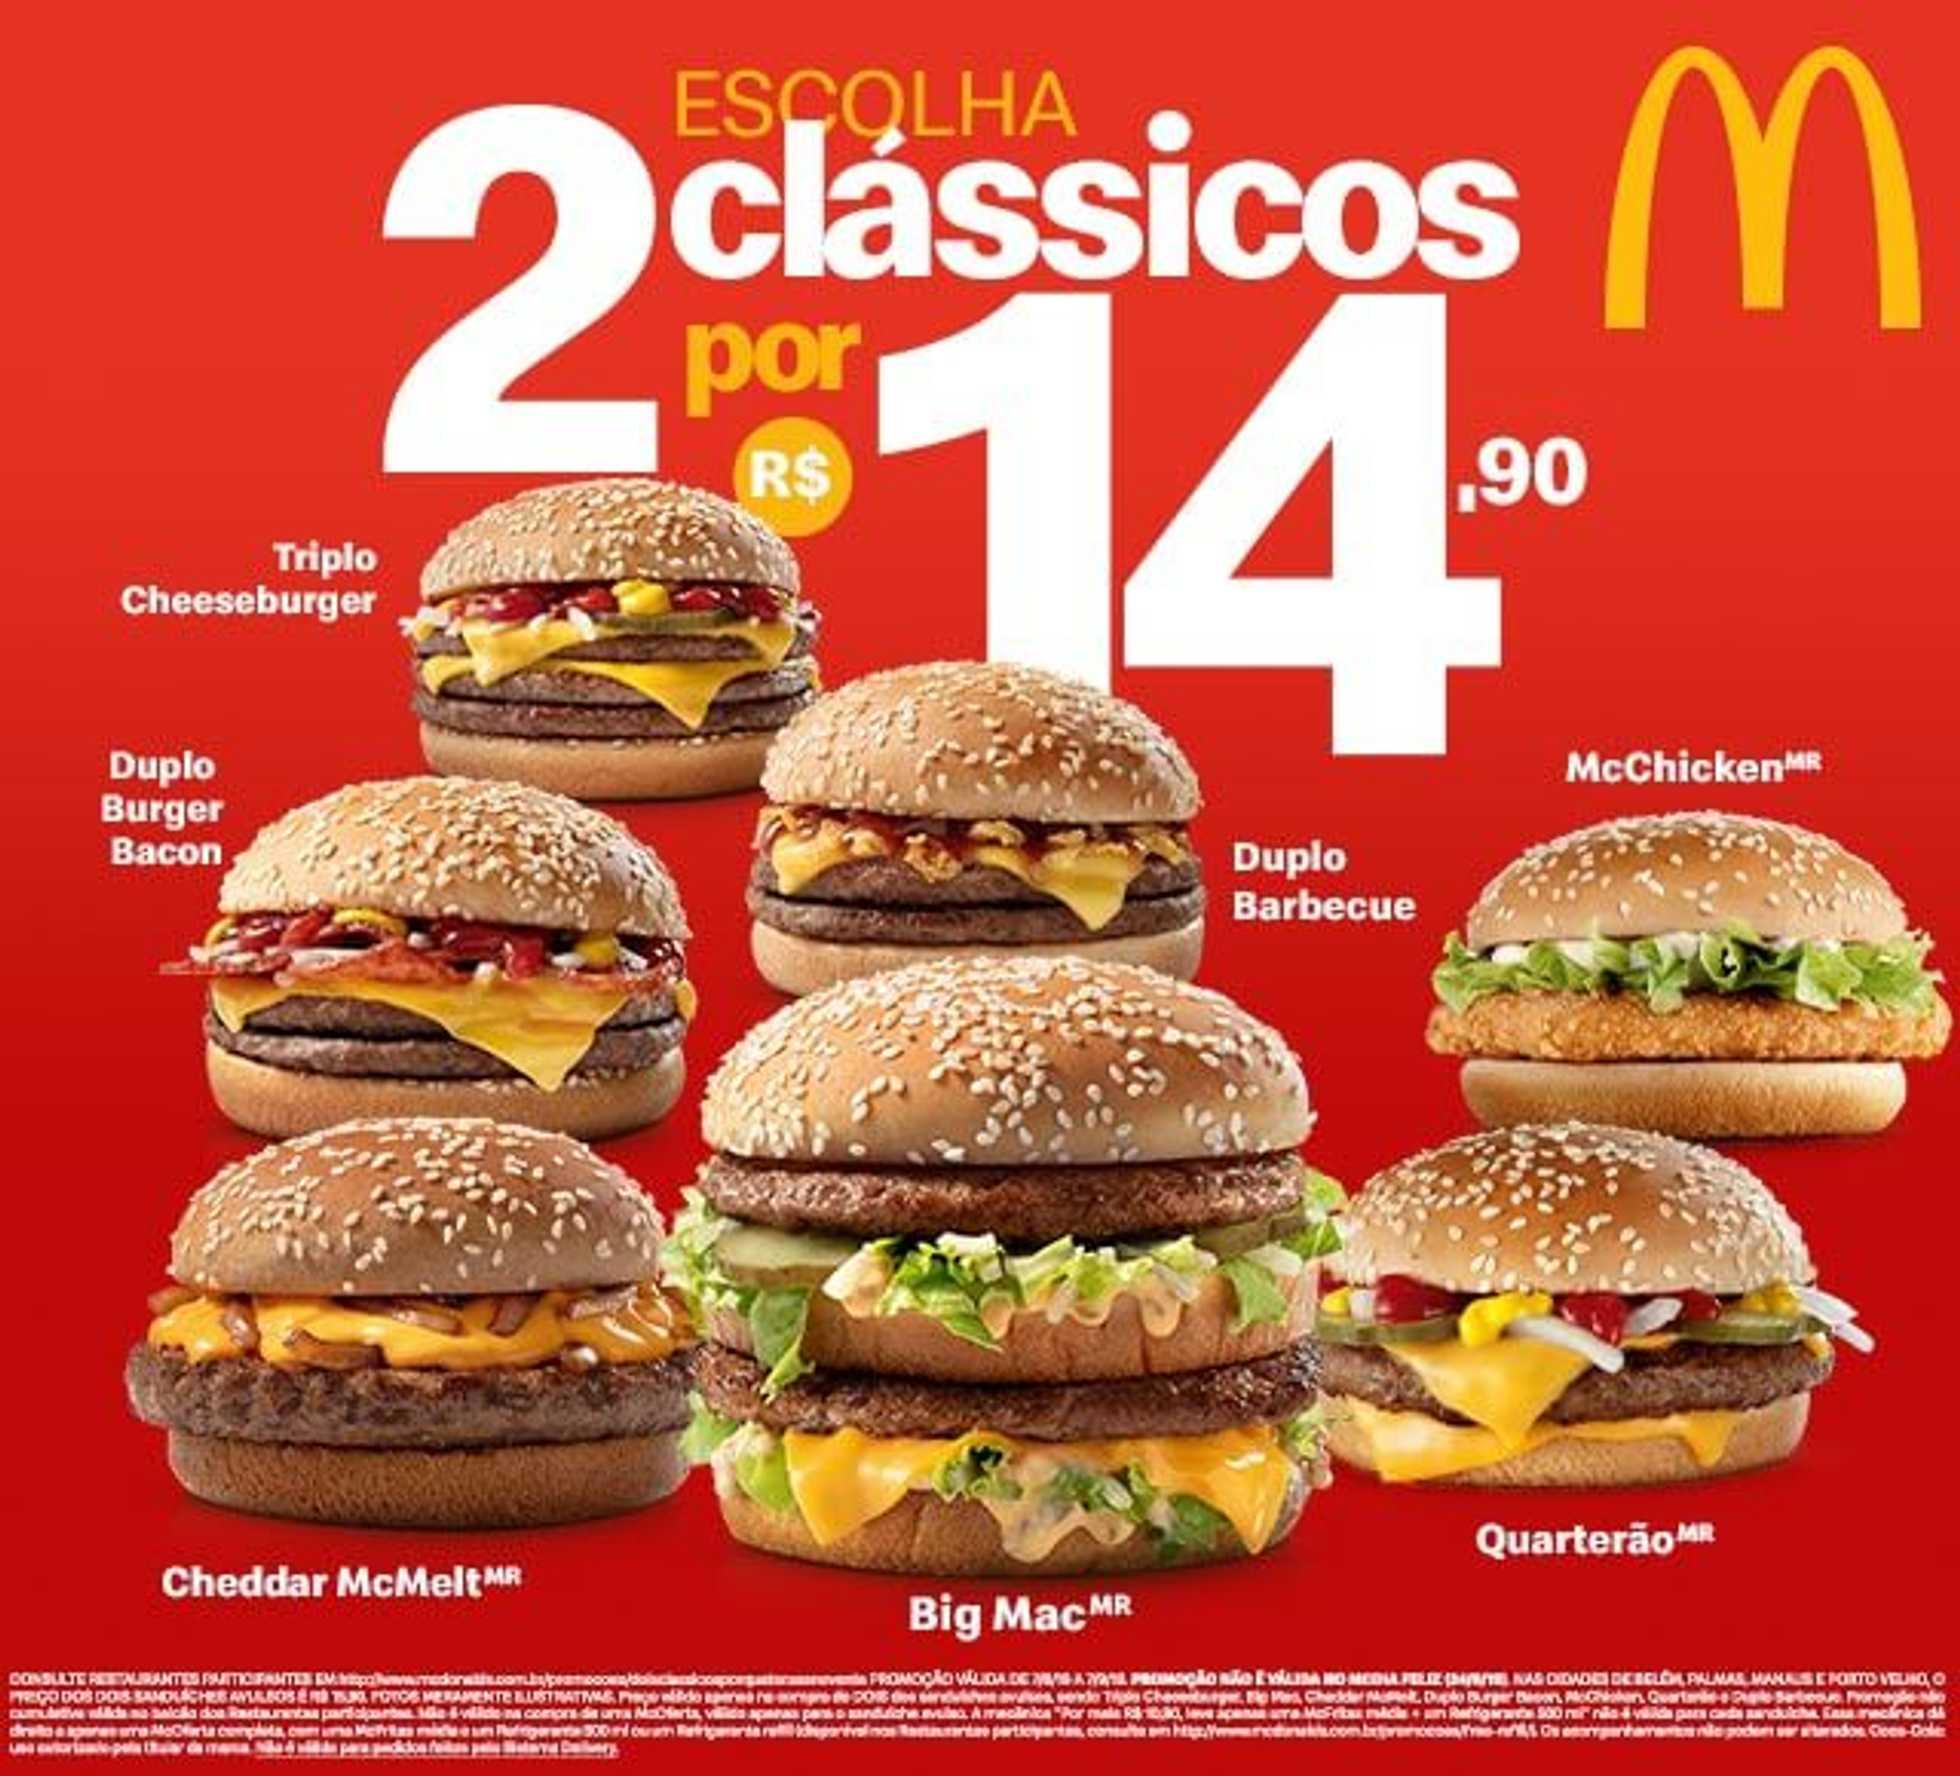 McDonald's - encarte válido de 07.08.2019 até 07.09.2019 - página 1.